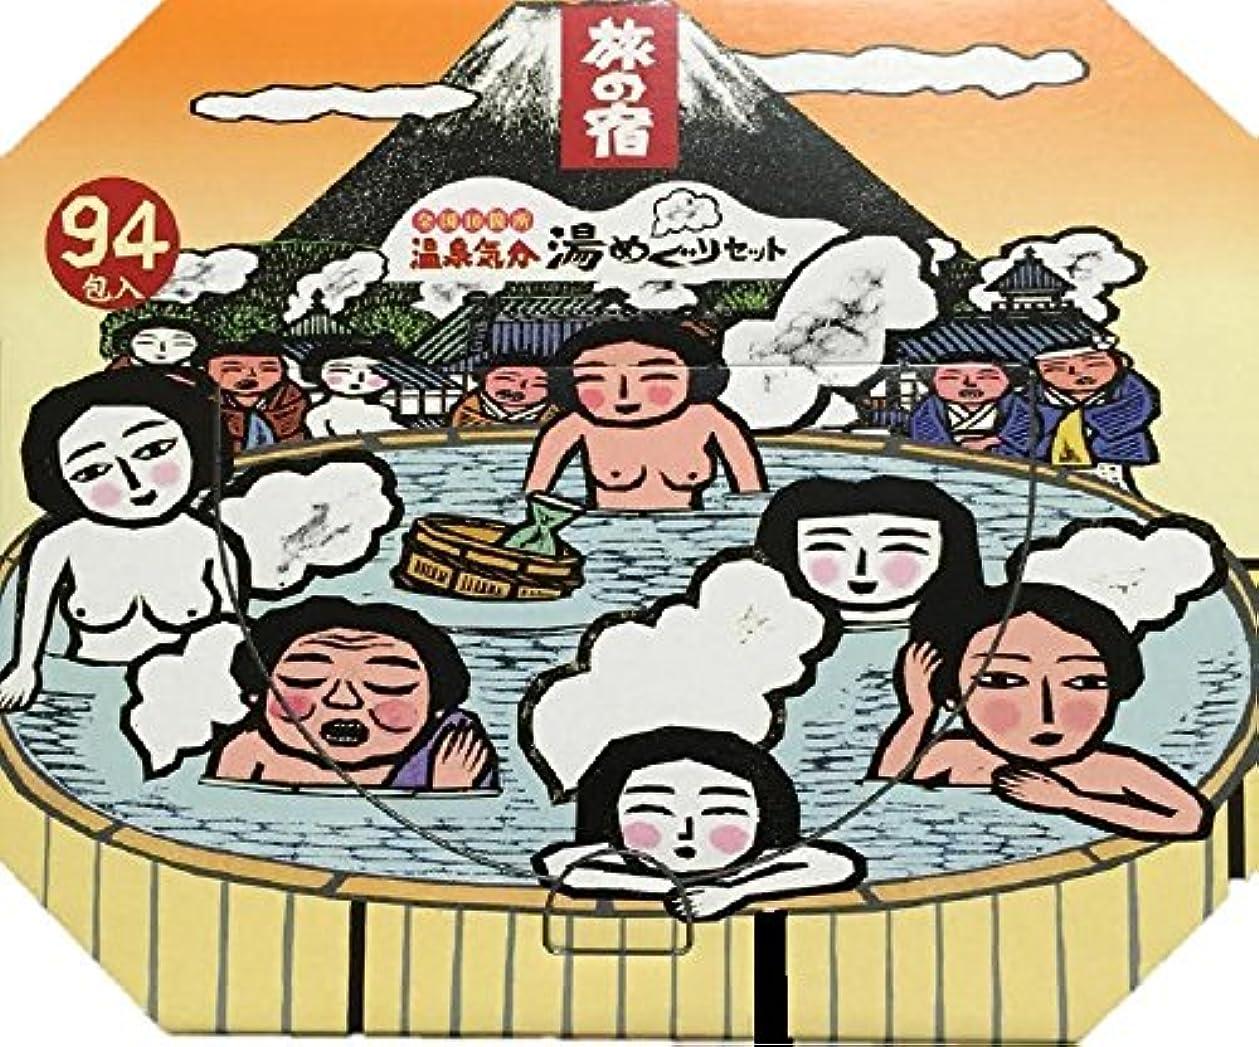 セミナー請求改善旅の宿(薬用入浴剤) 全国10箇所温泉気分 湯めぐりセット94包入